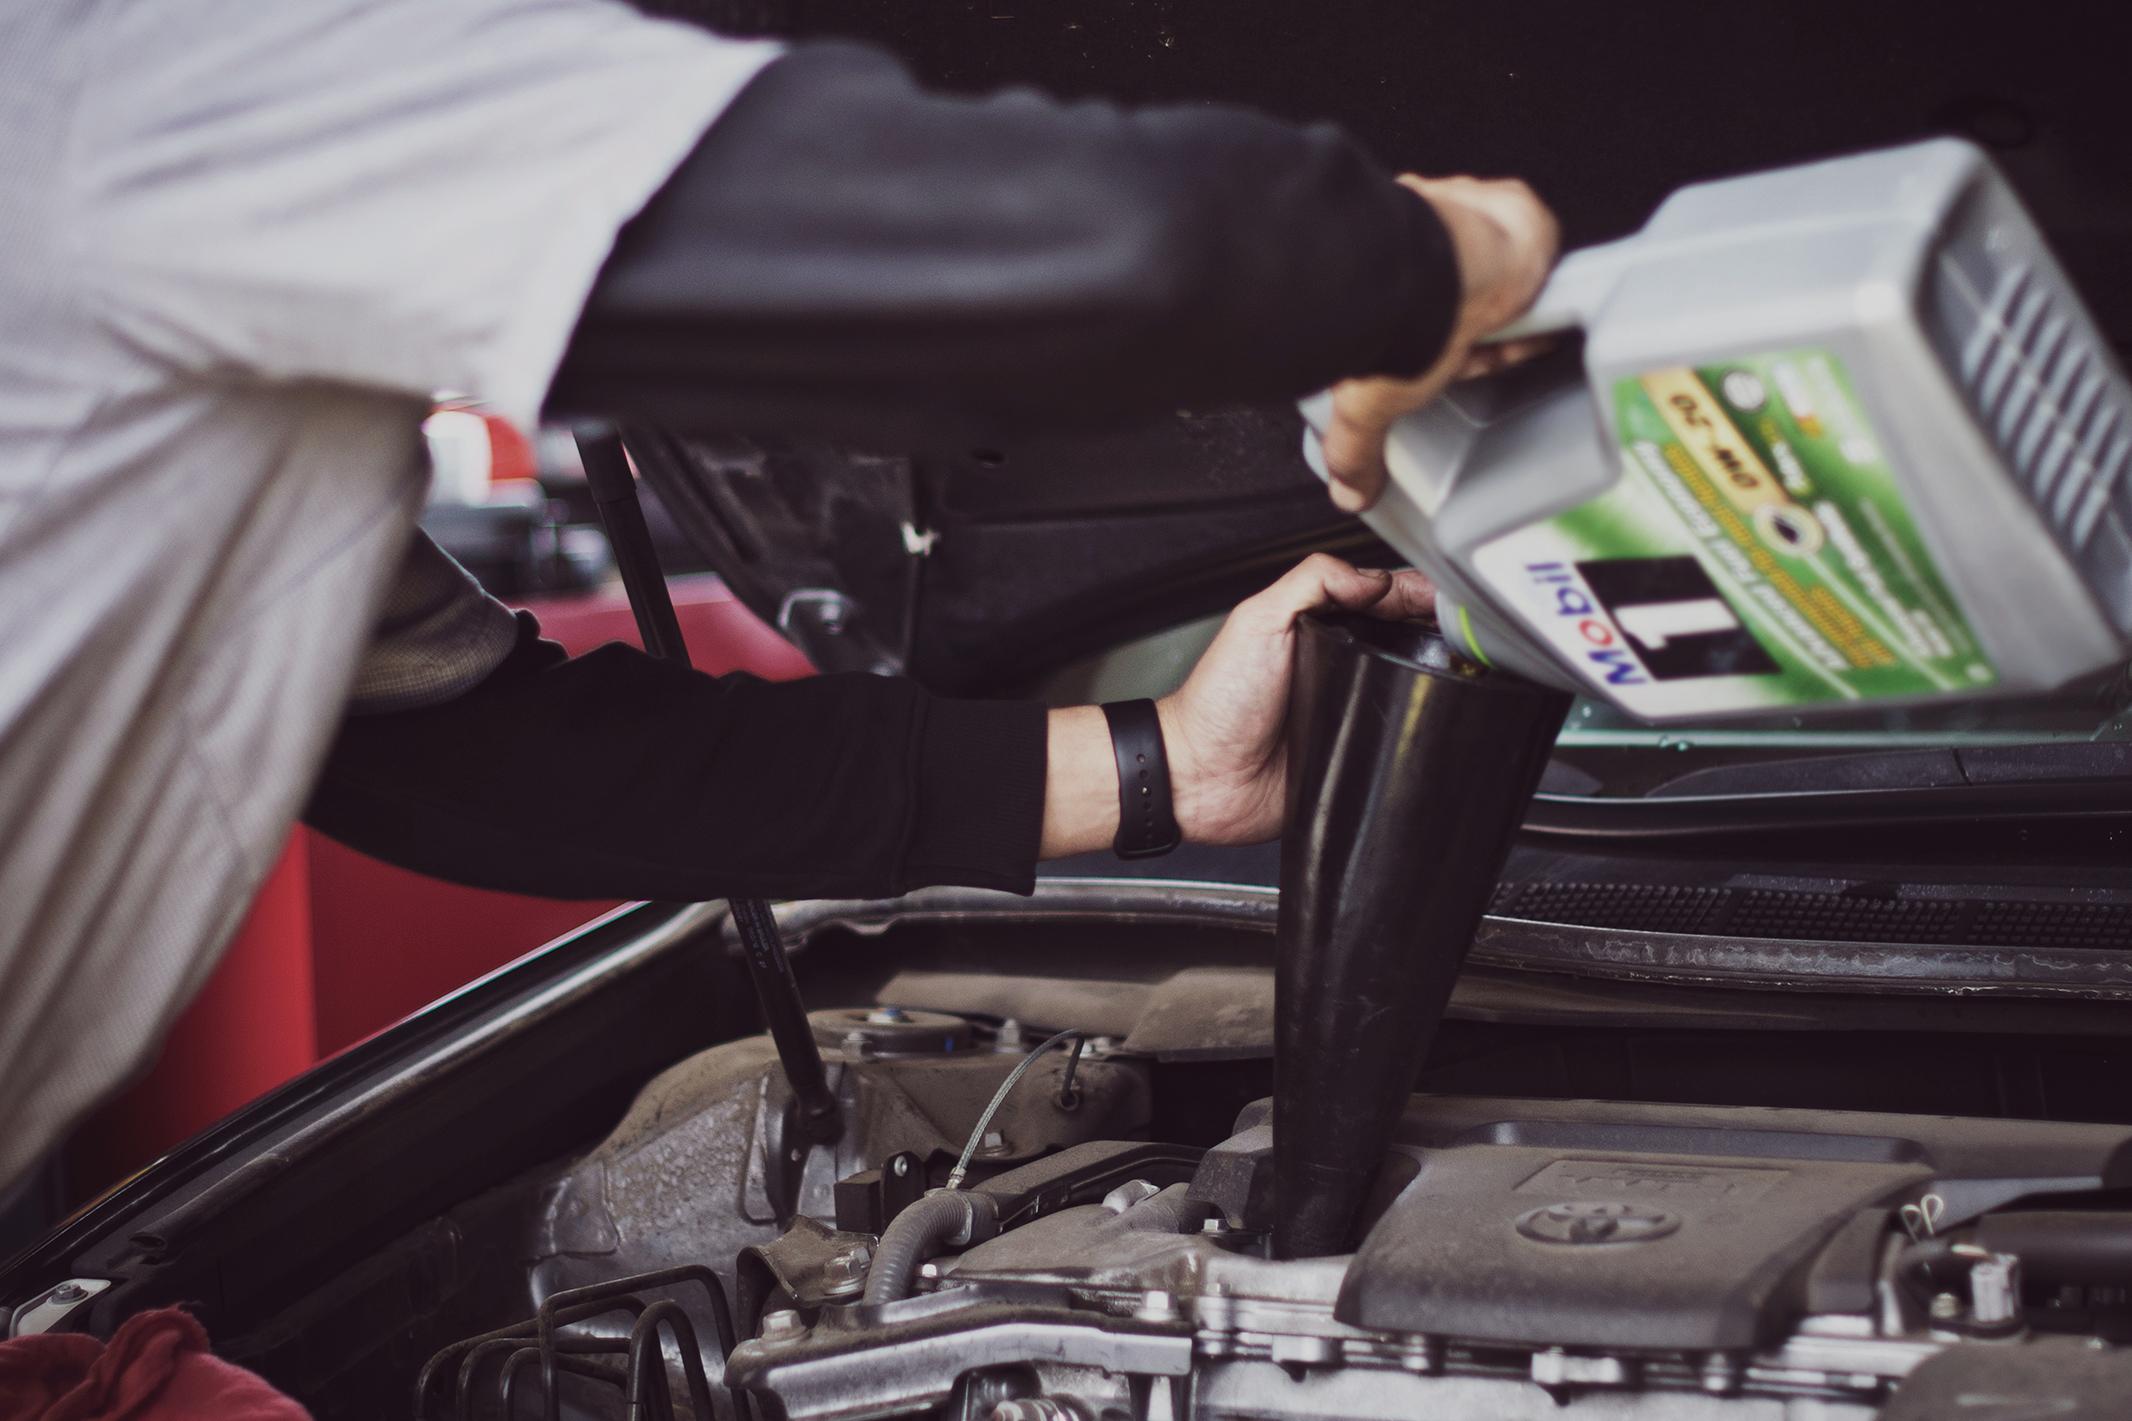 révision entretion écurie automobile